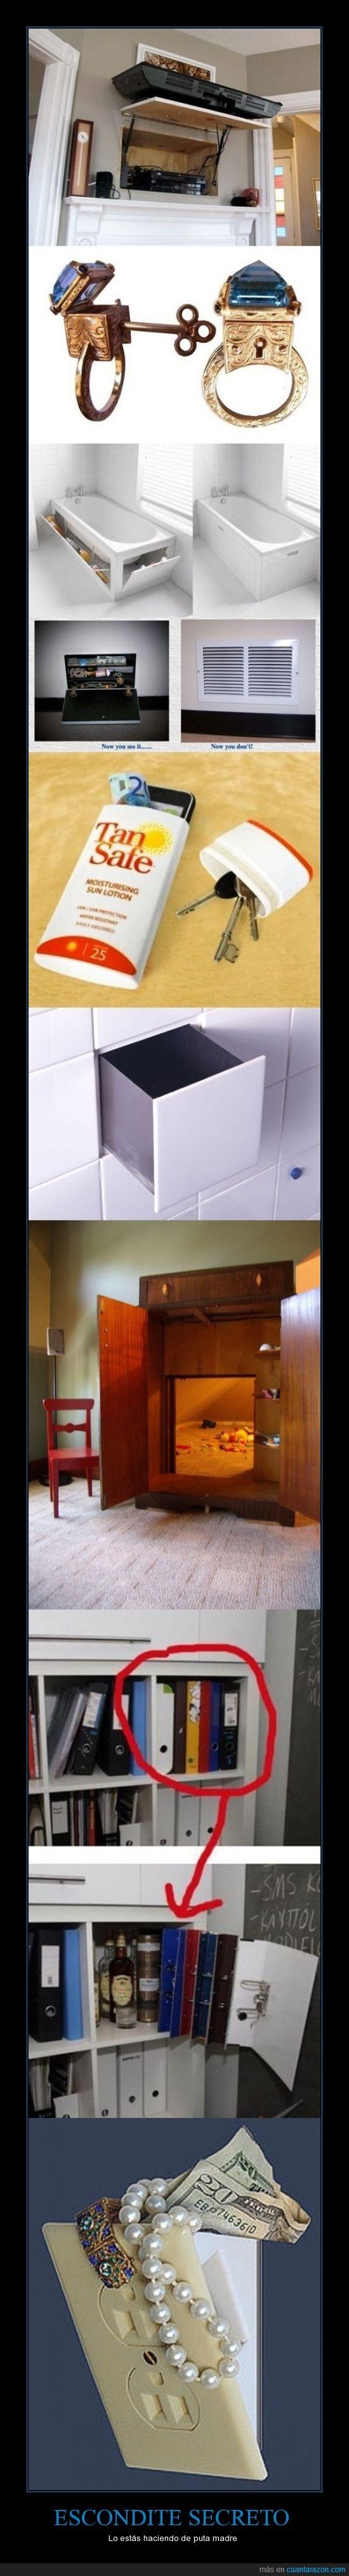 bañera,casa,esconder,lugar,ninja,secreto